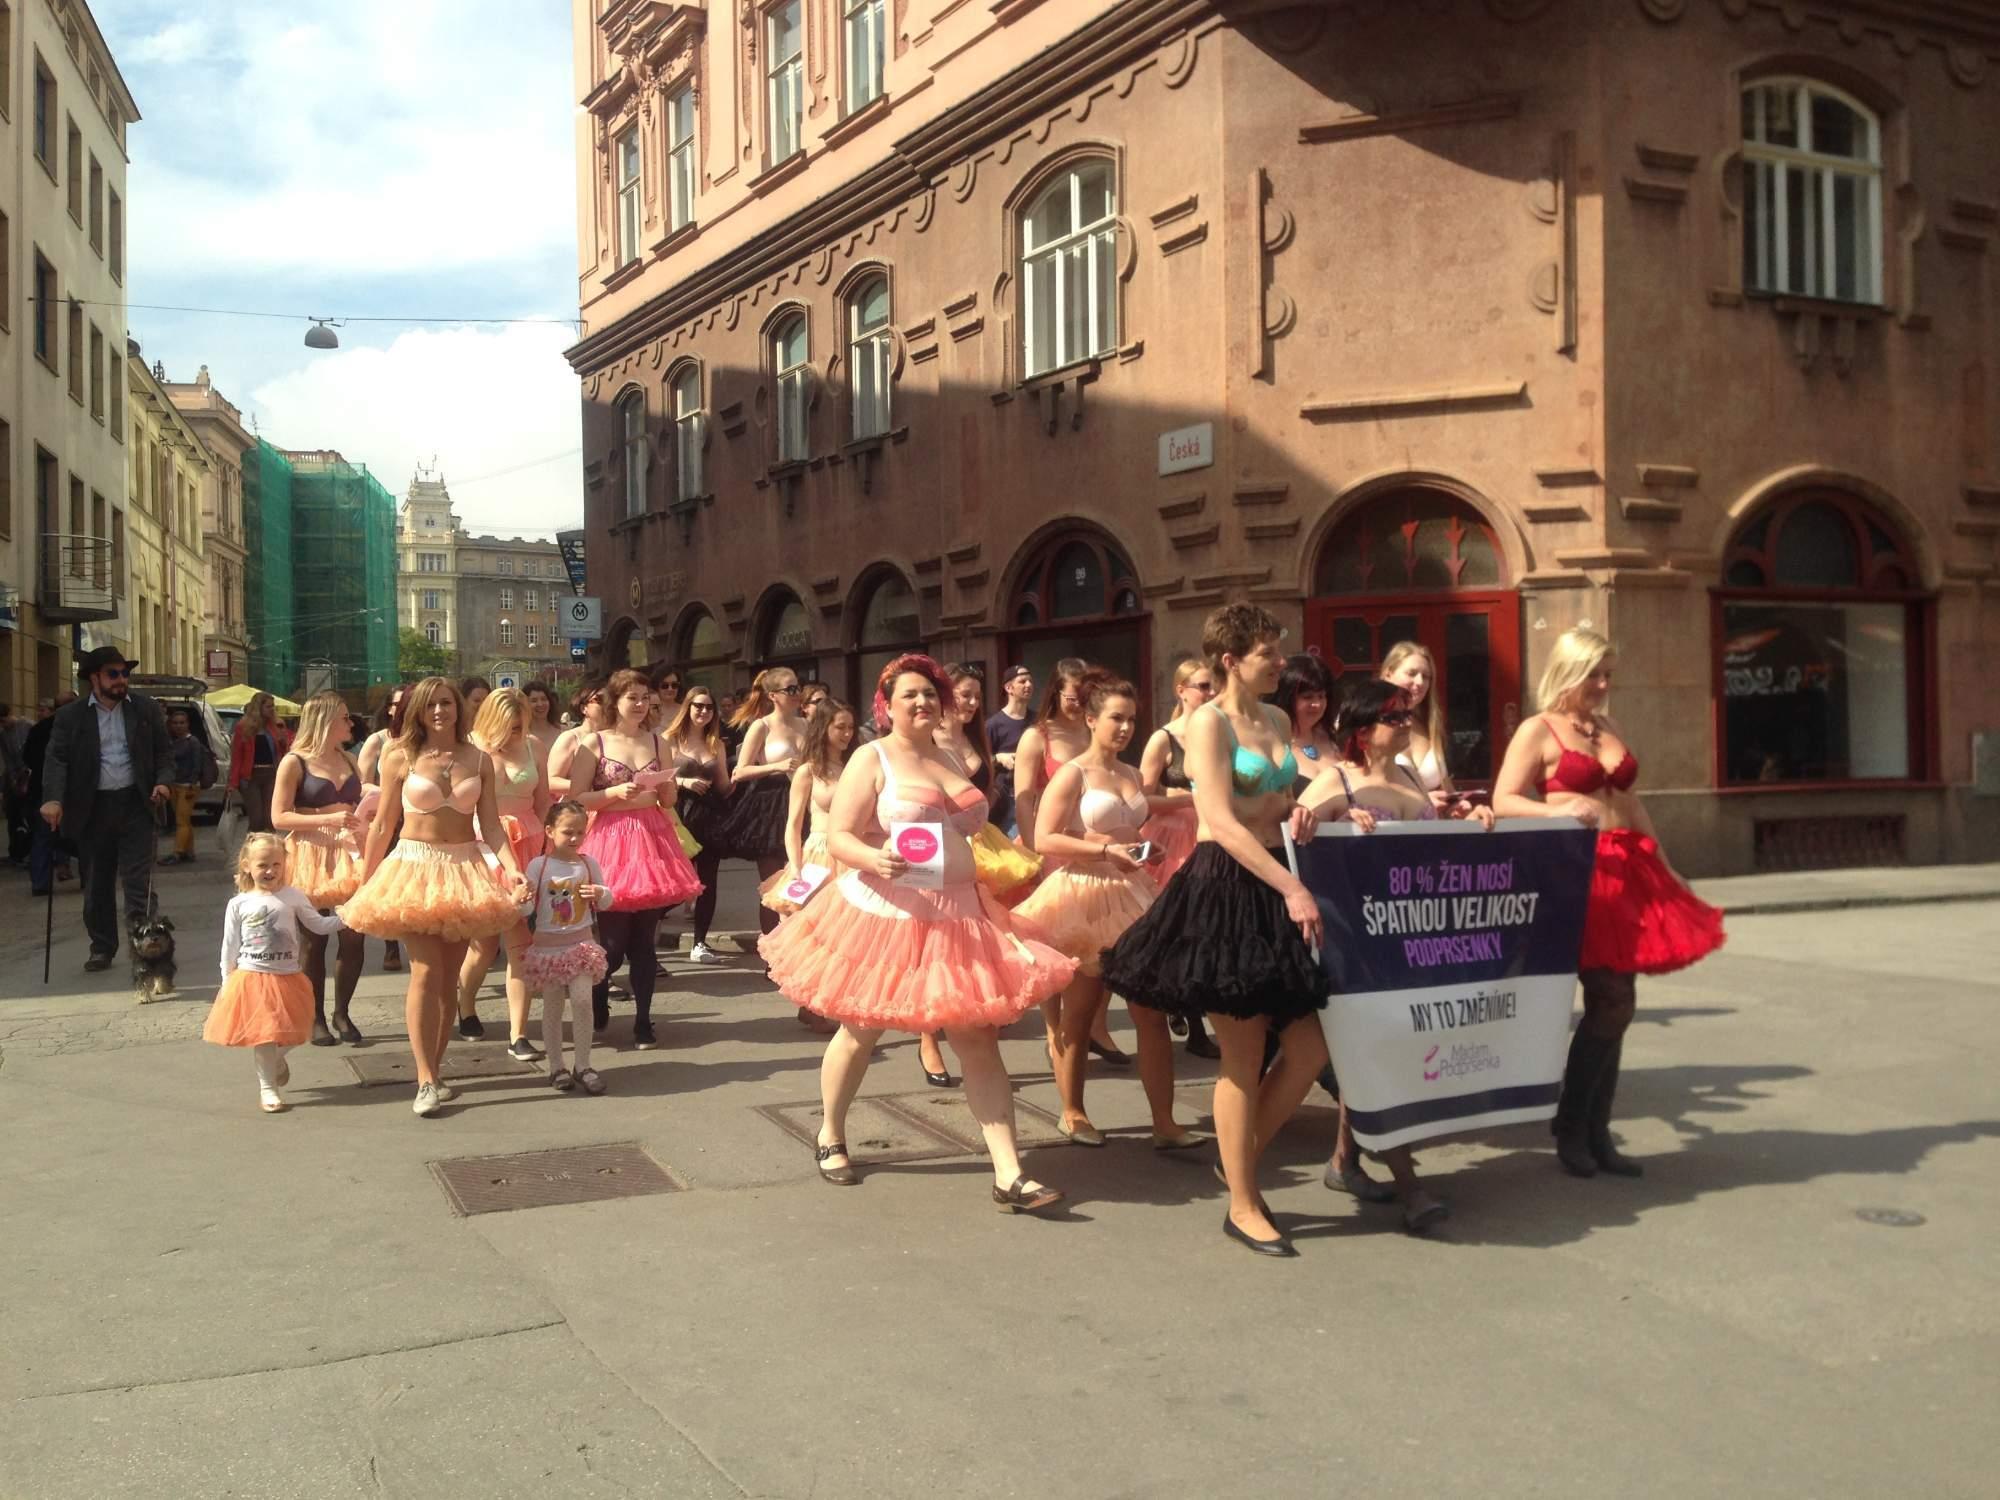 Ženy si průvod užívaly. Foto: Eliška Pospíšilová